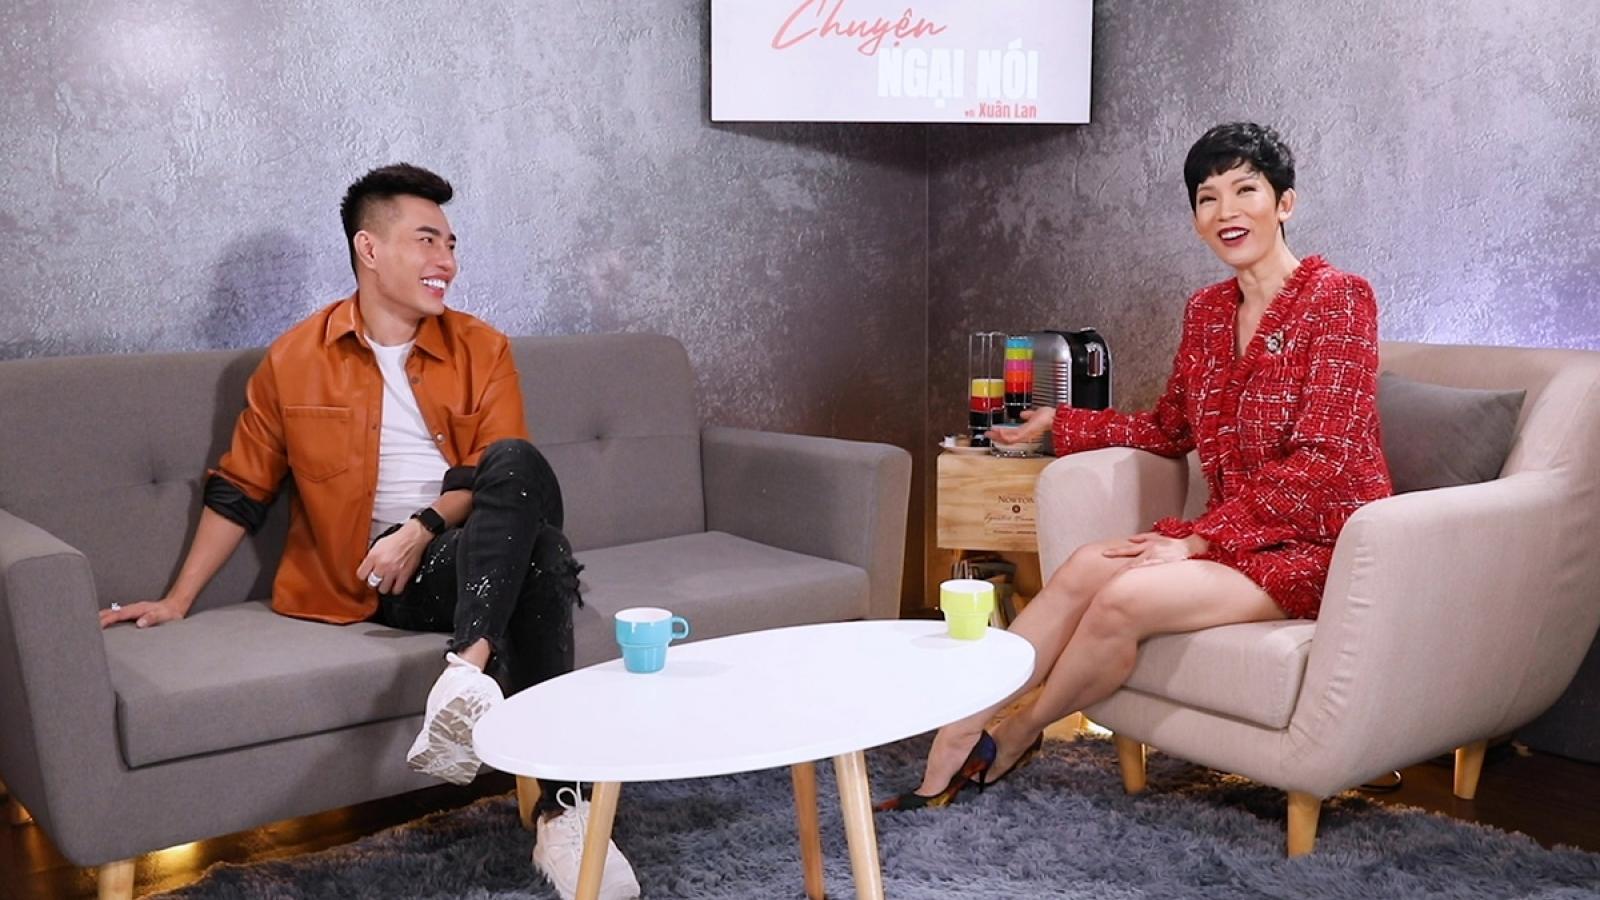 Lê Dương Bảo Lâm trải lòng với Xuân Lan về nghề livestream bán hàng